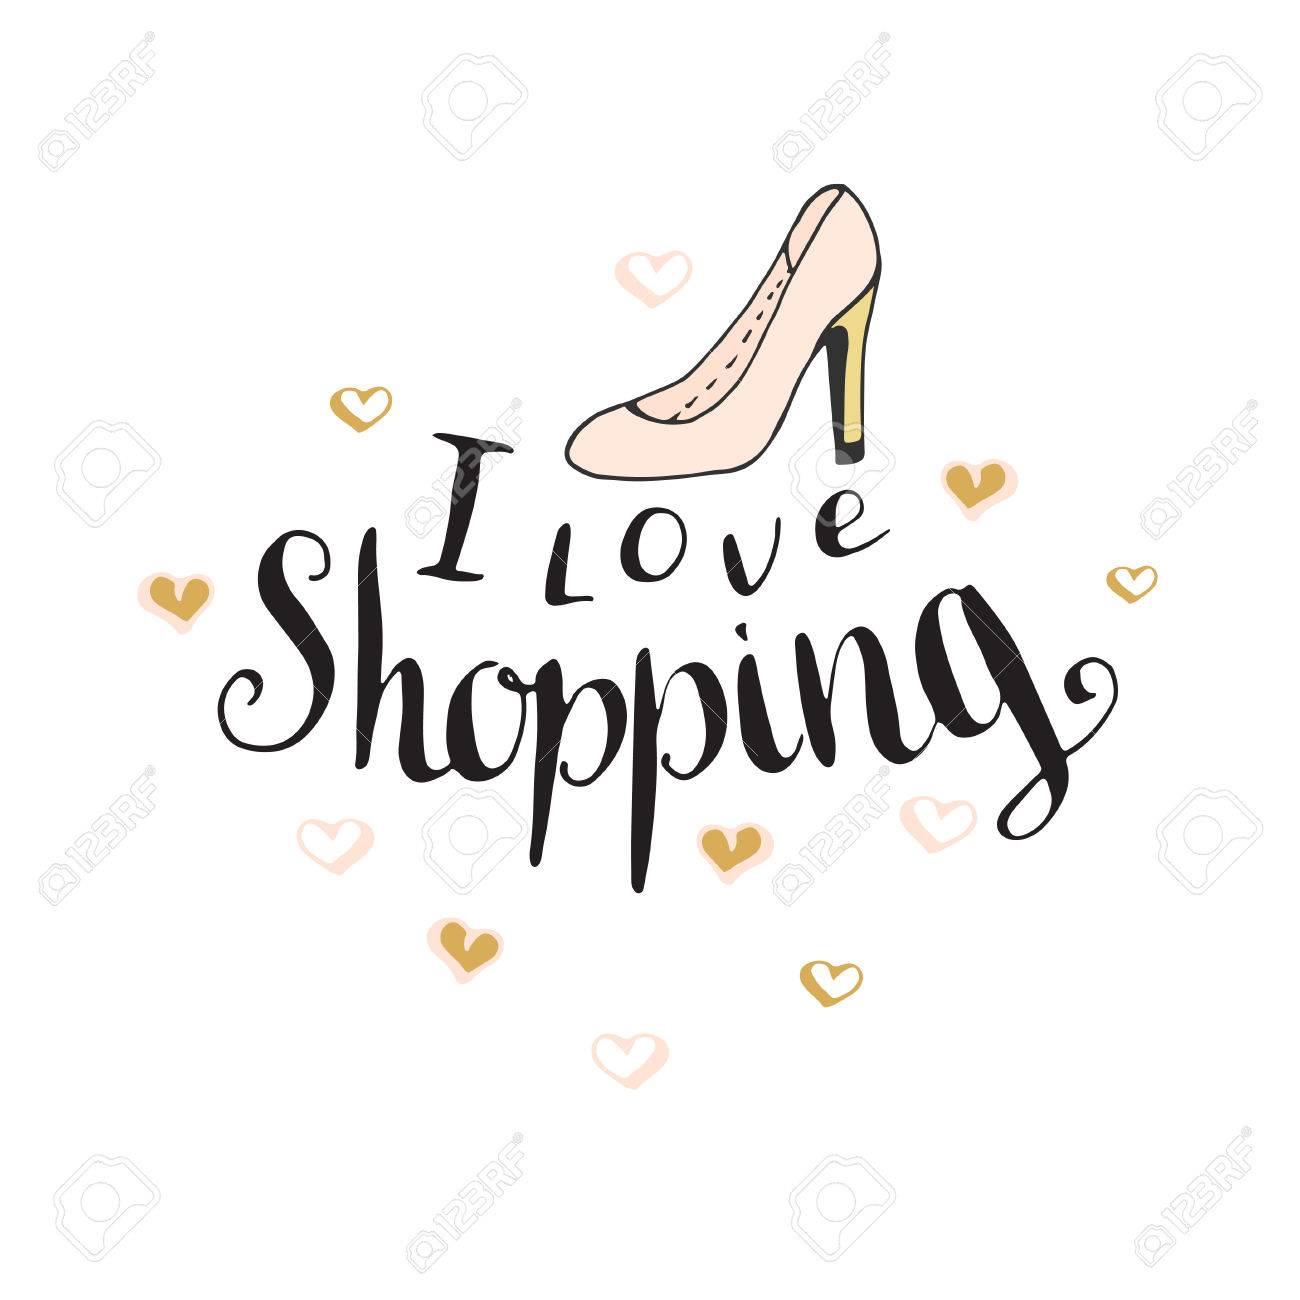 ich gehe shoppen